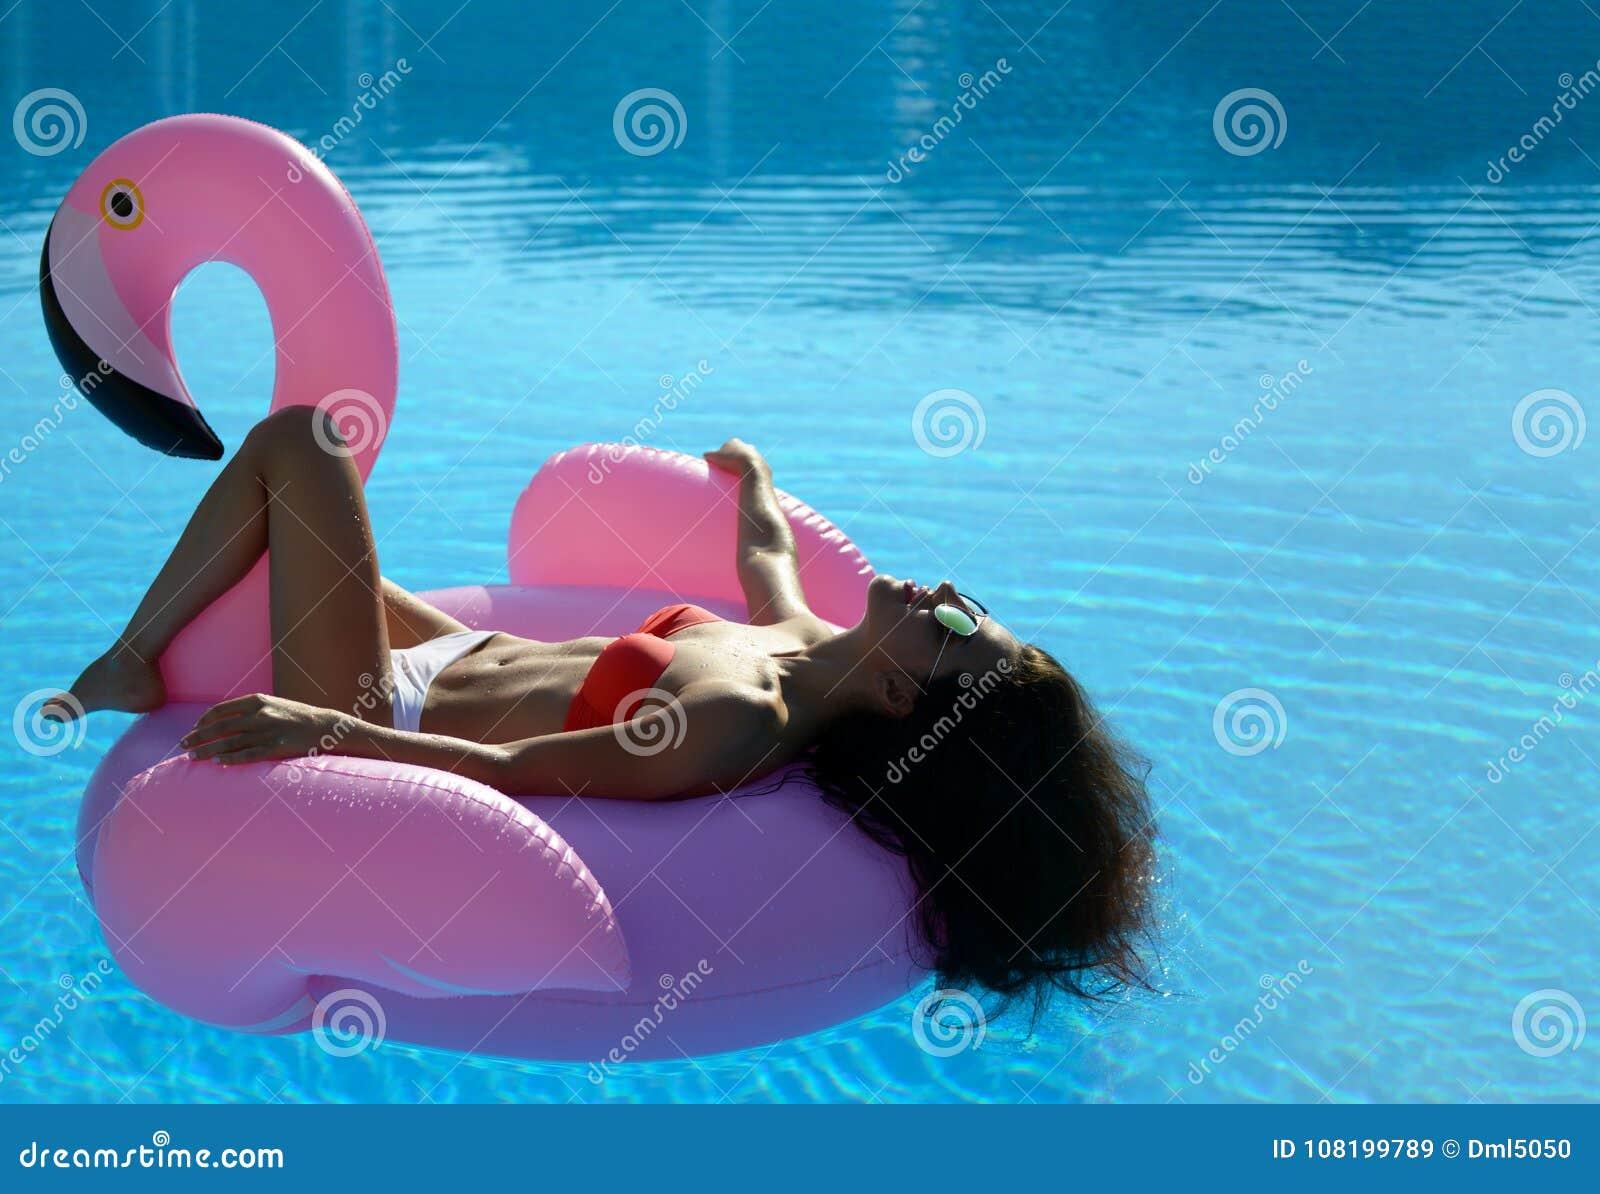 Bikini girl hot flamingo pink pool billiard — 9